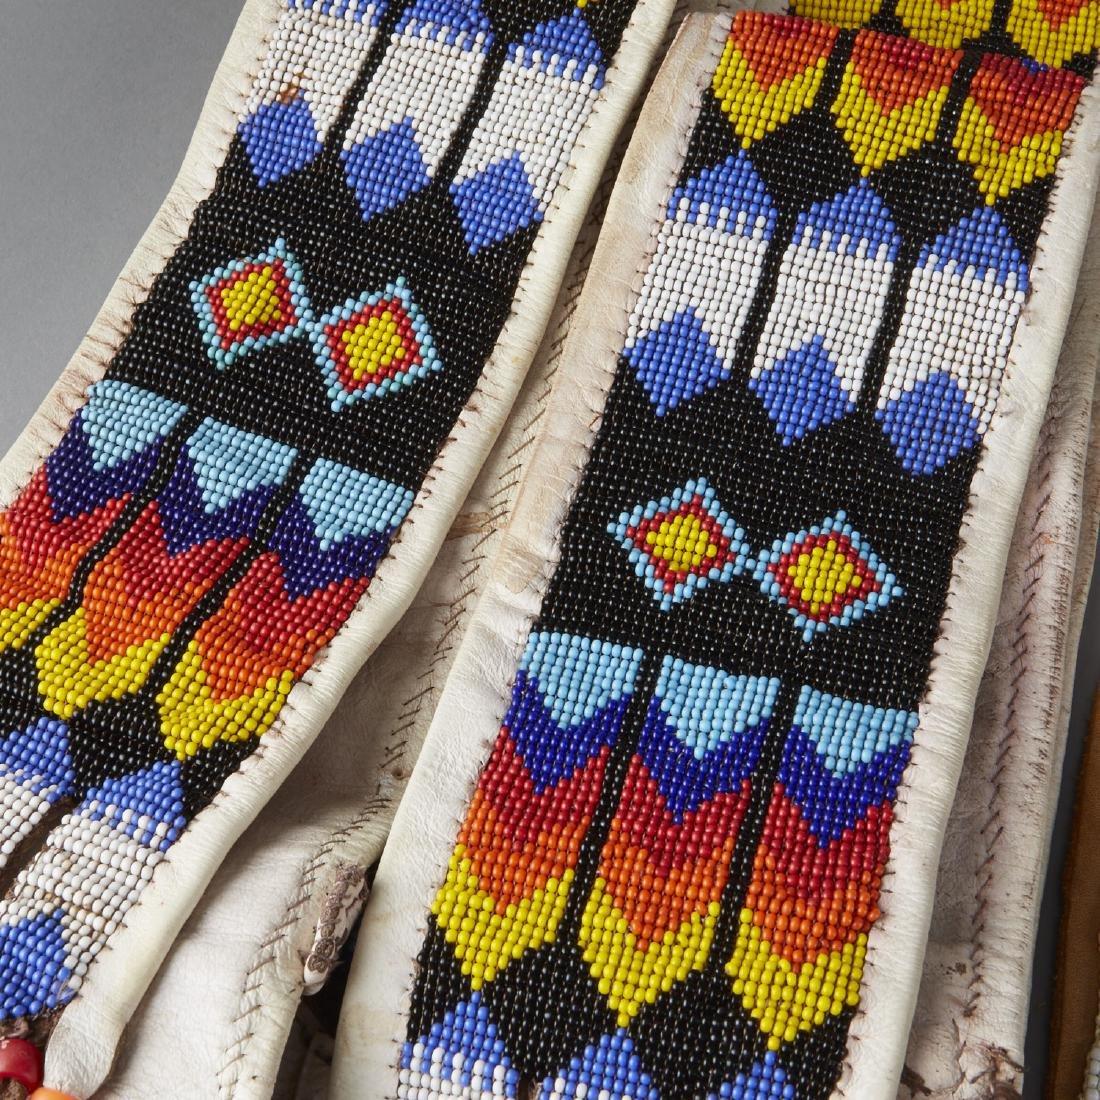 6 Native American Beaded Objects Cheyenne - 5